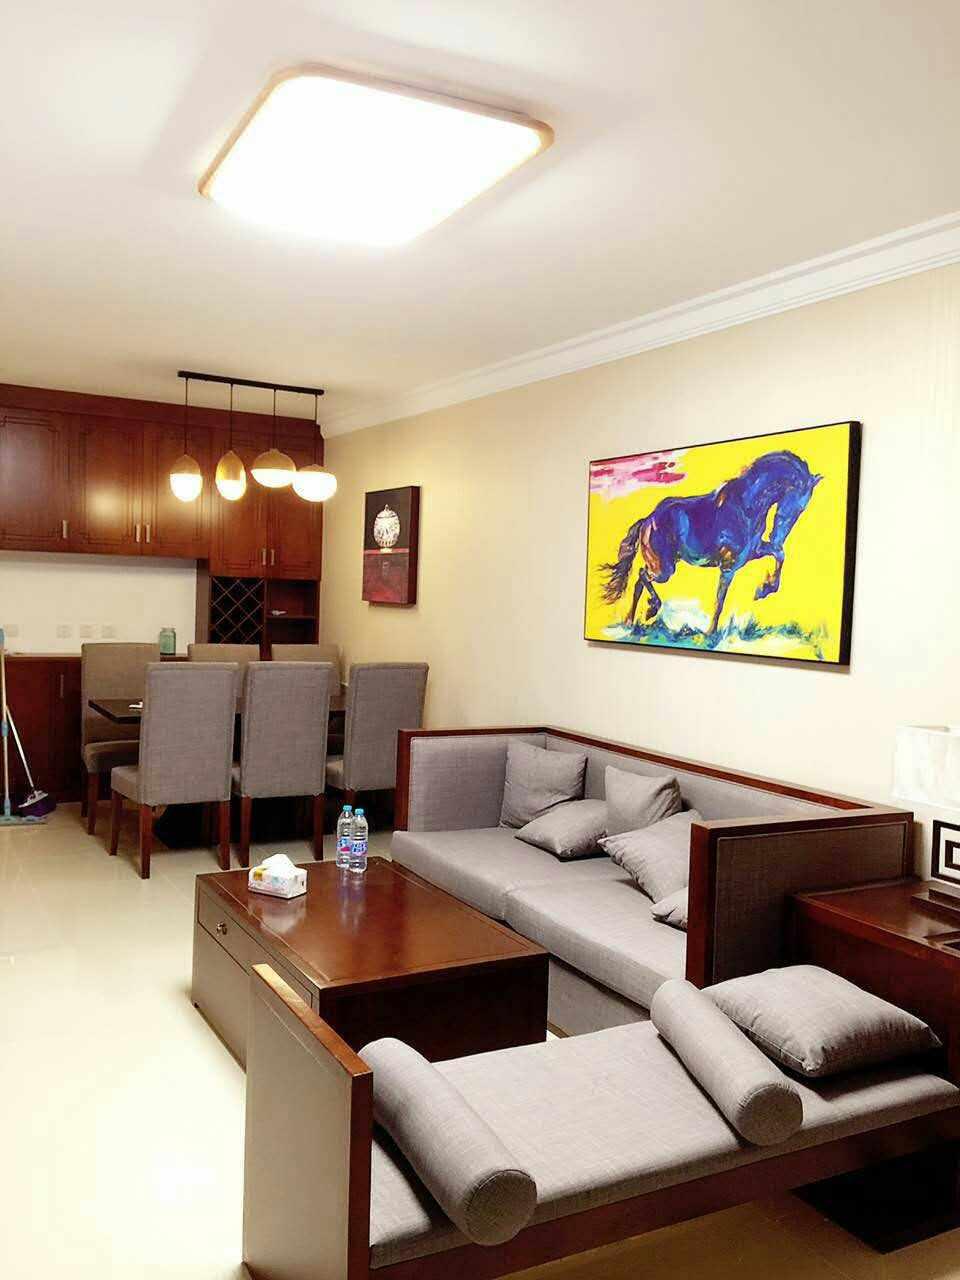 棕红色的各式家具棱角分明,造型极具中式风;墙上一幅彩色骏马图让客厅丰富起来,呈现出视觉的美感。